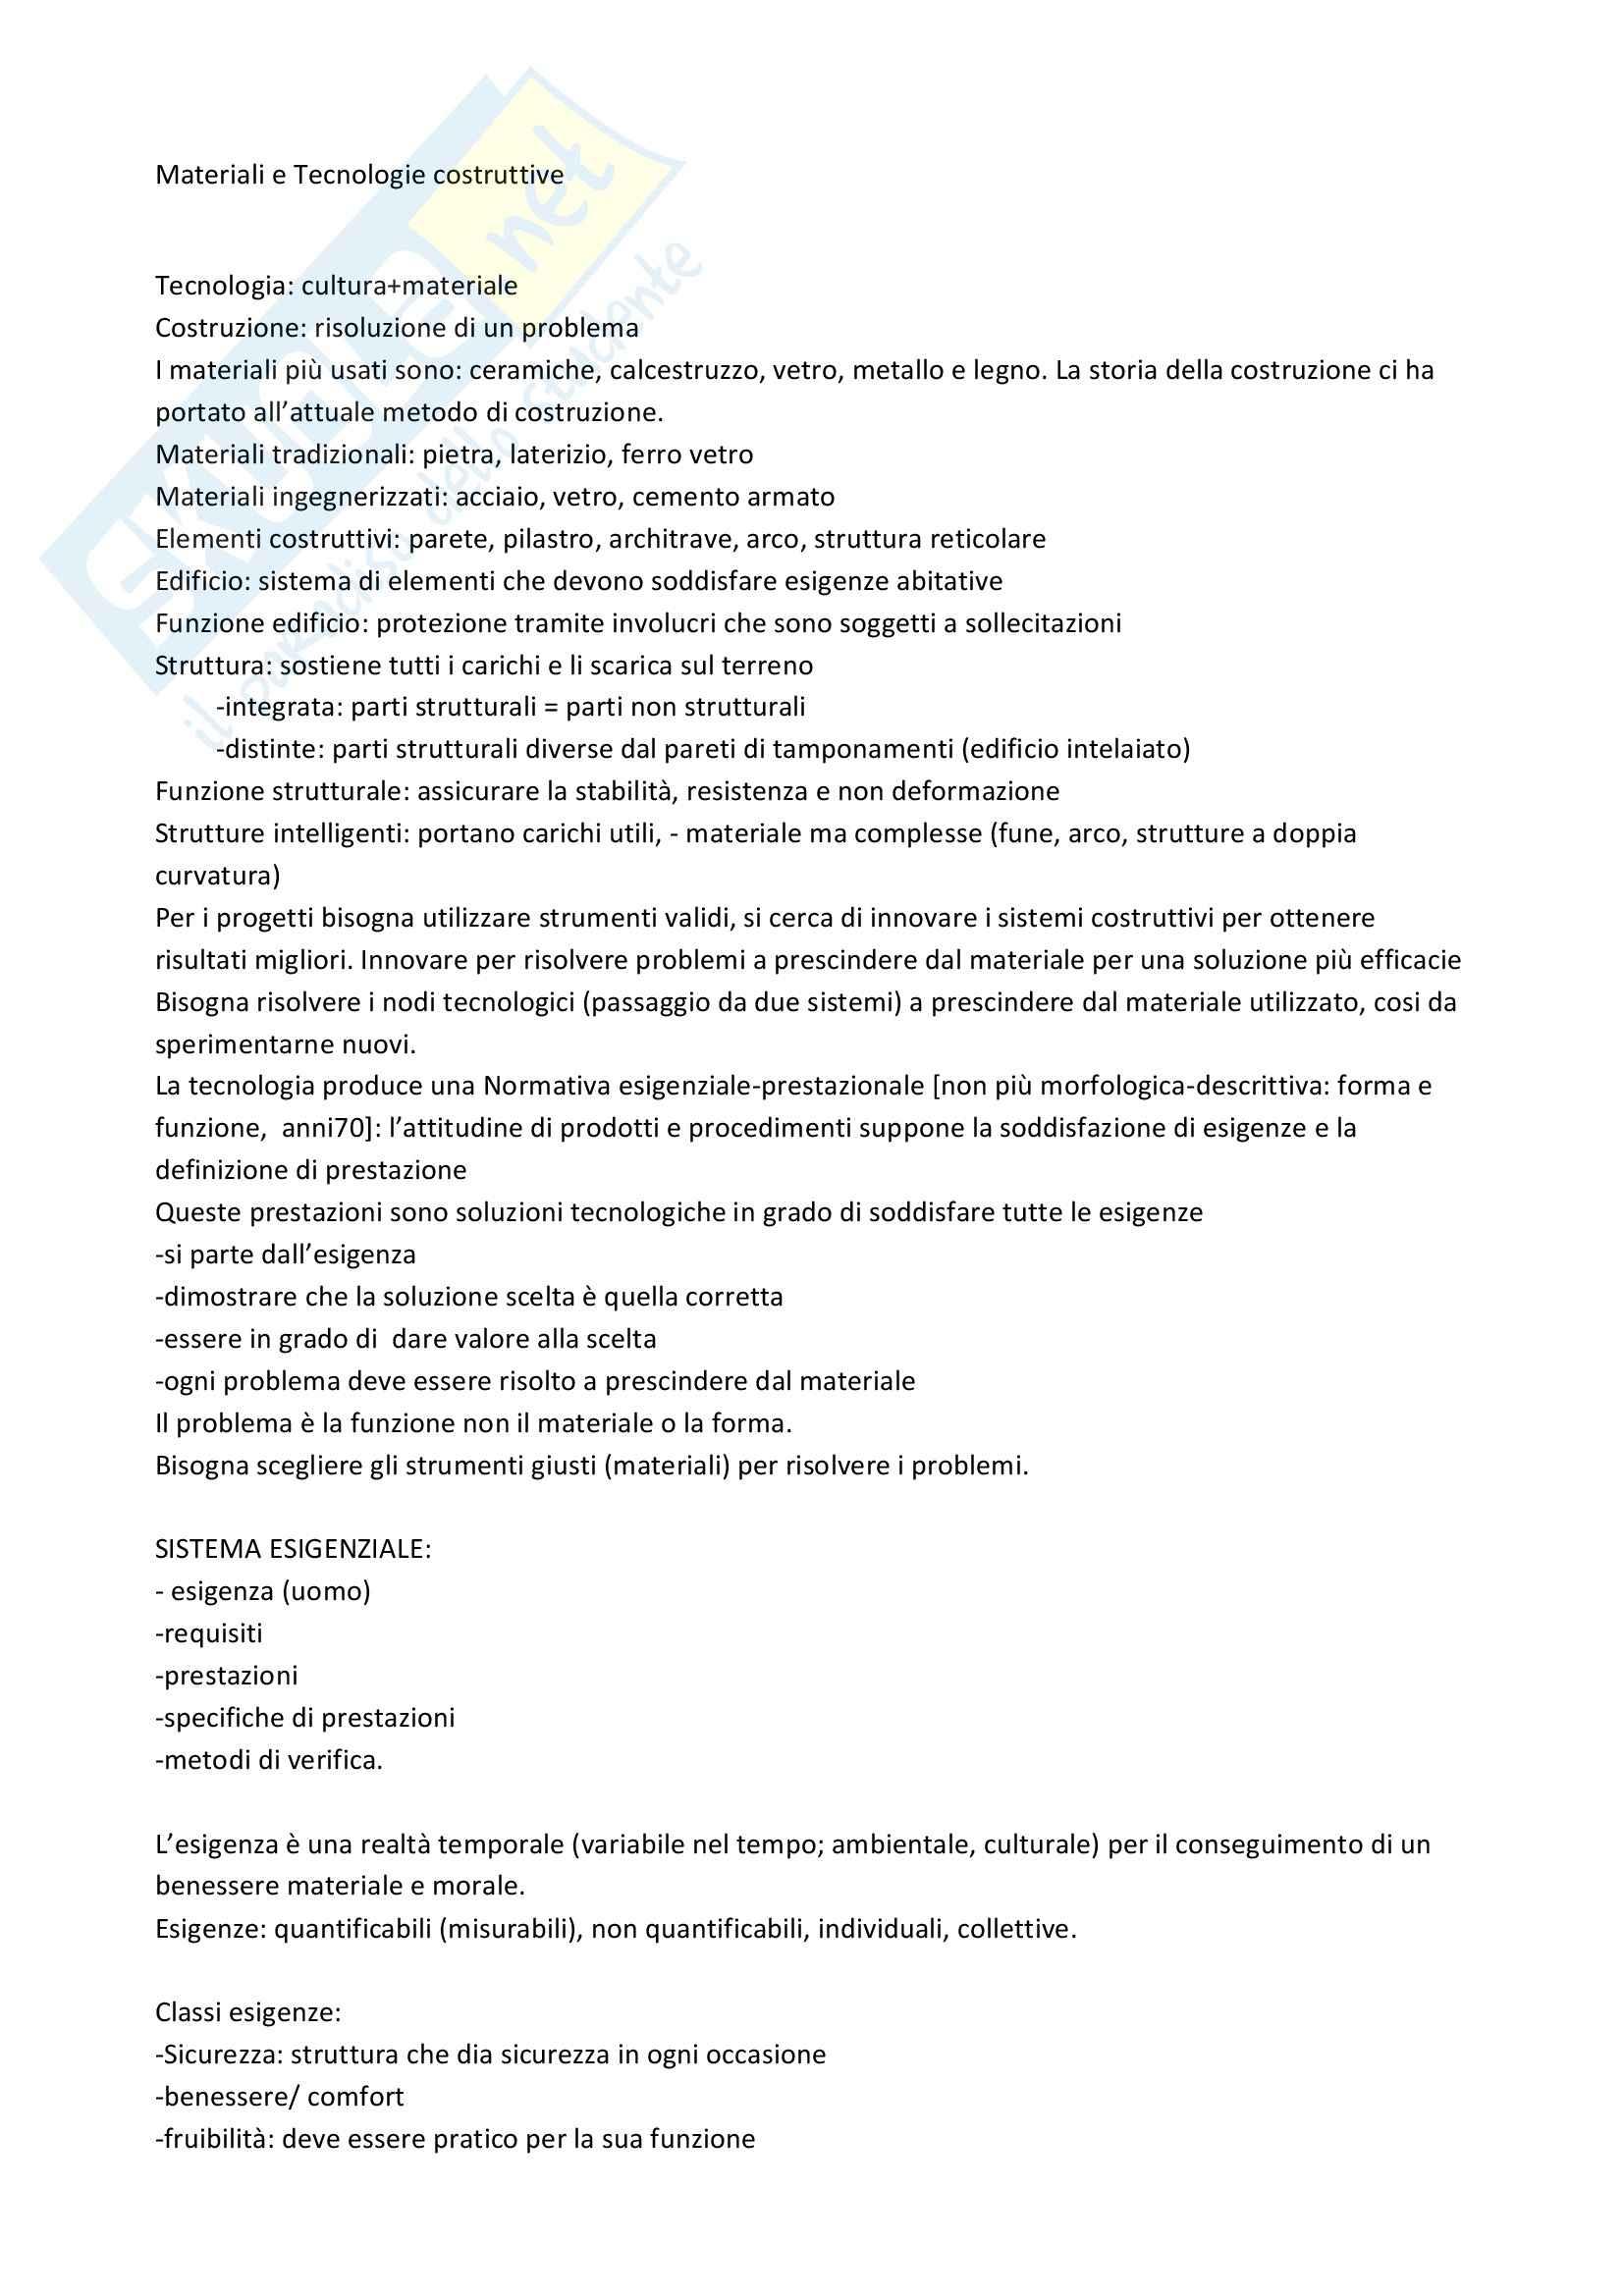 Lezioni, Materiale ed elementi costruttivi